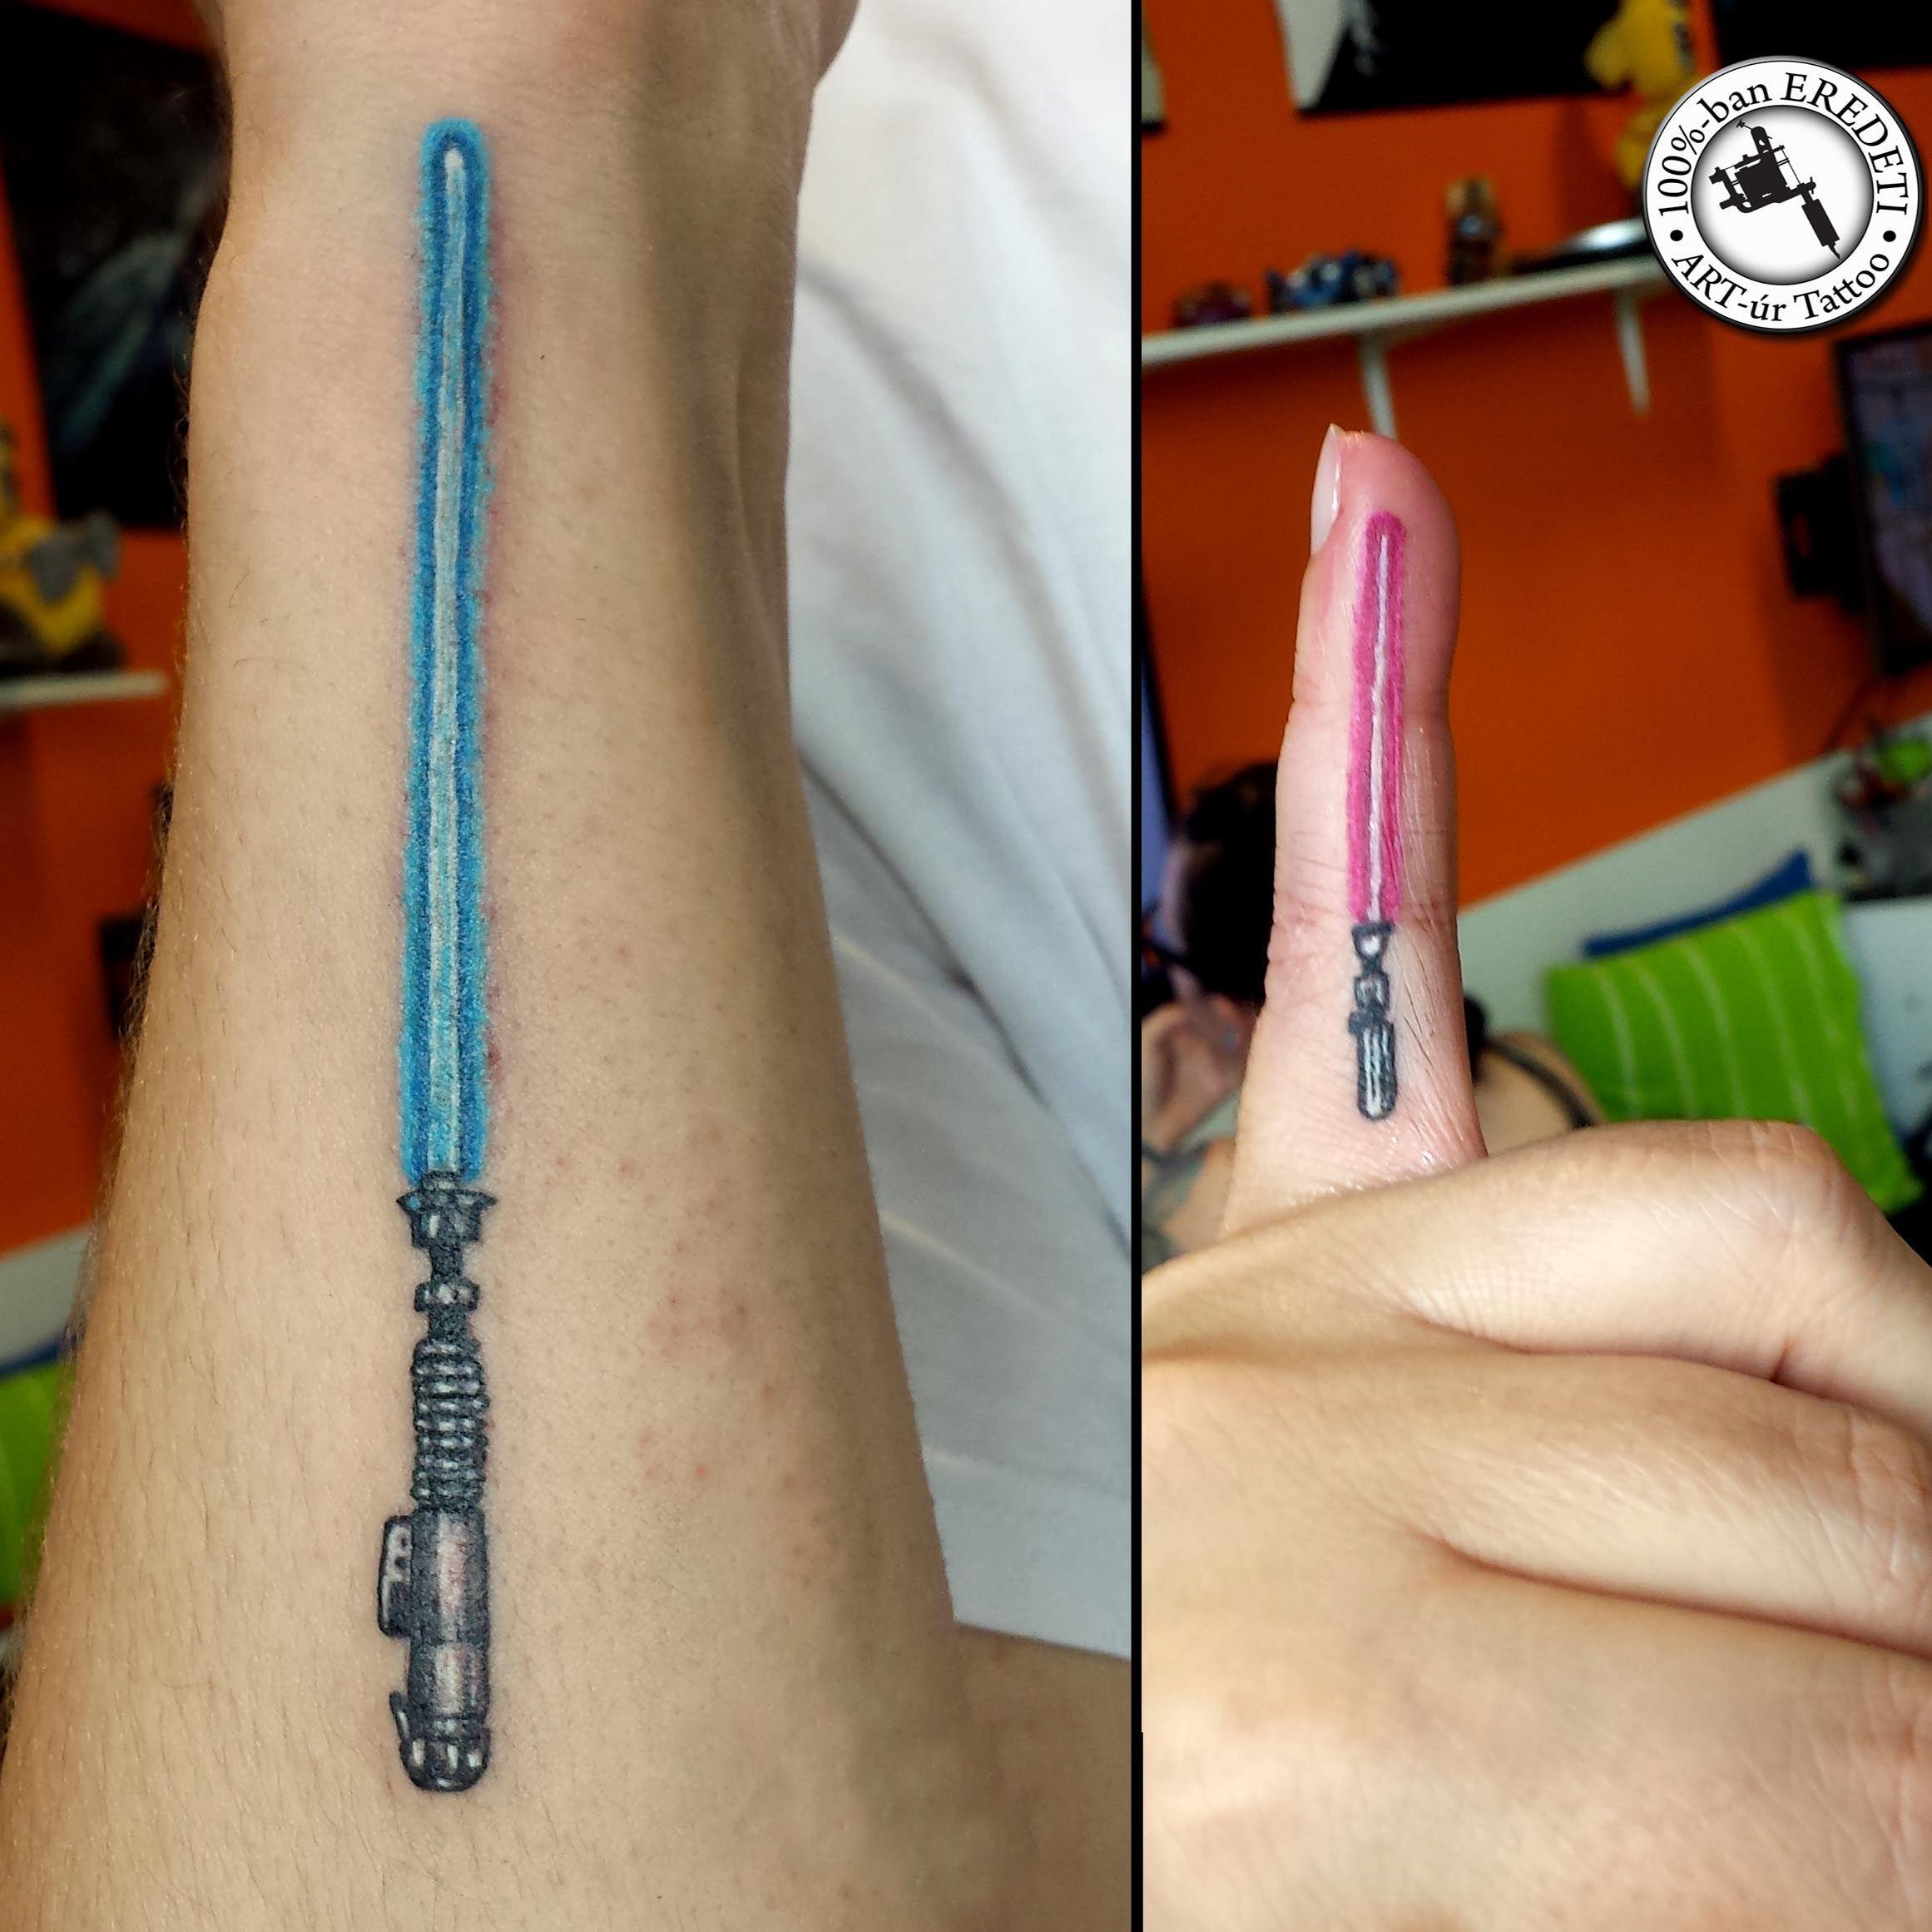 Lightsaber Starwars Tattoo Tattooandzsi Vaantattoo Inkstarhalotattoomachinediagrams